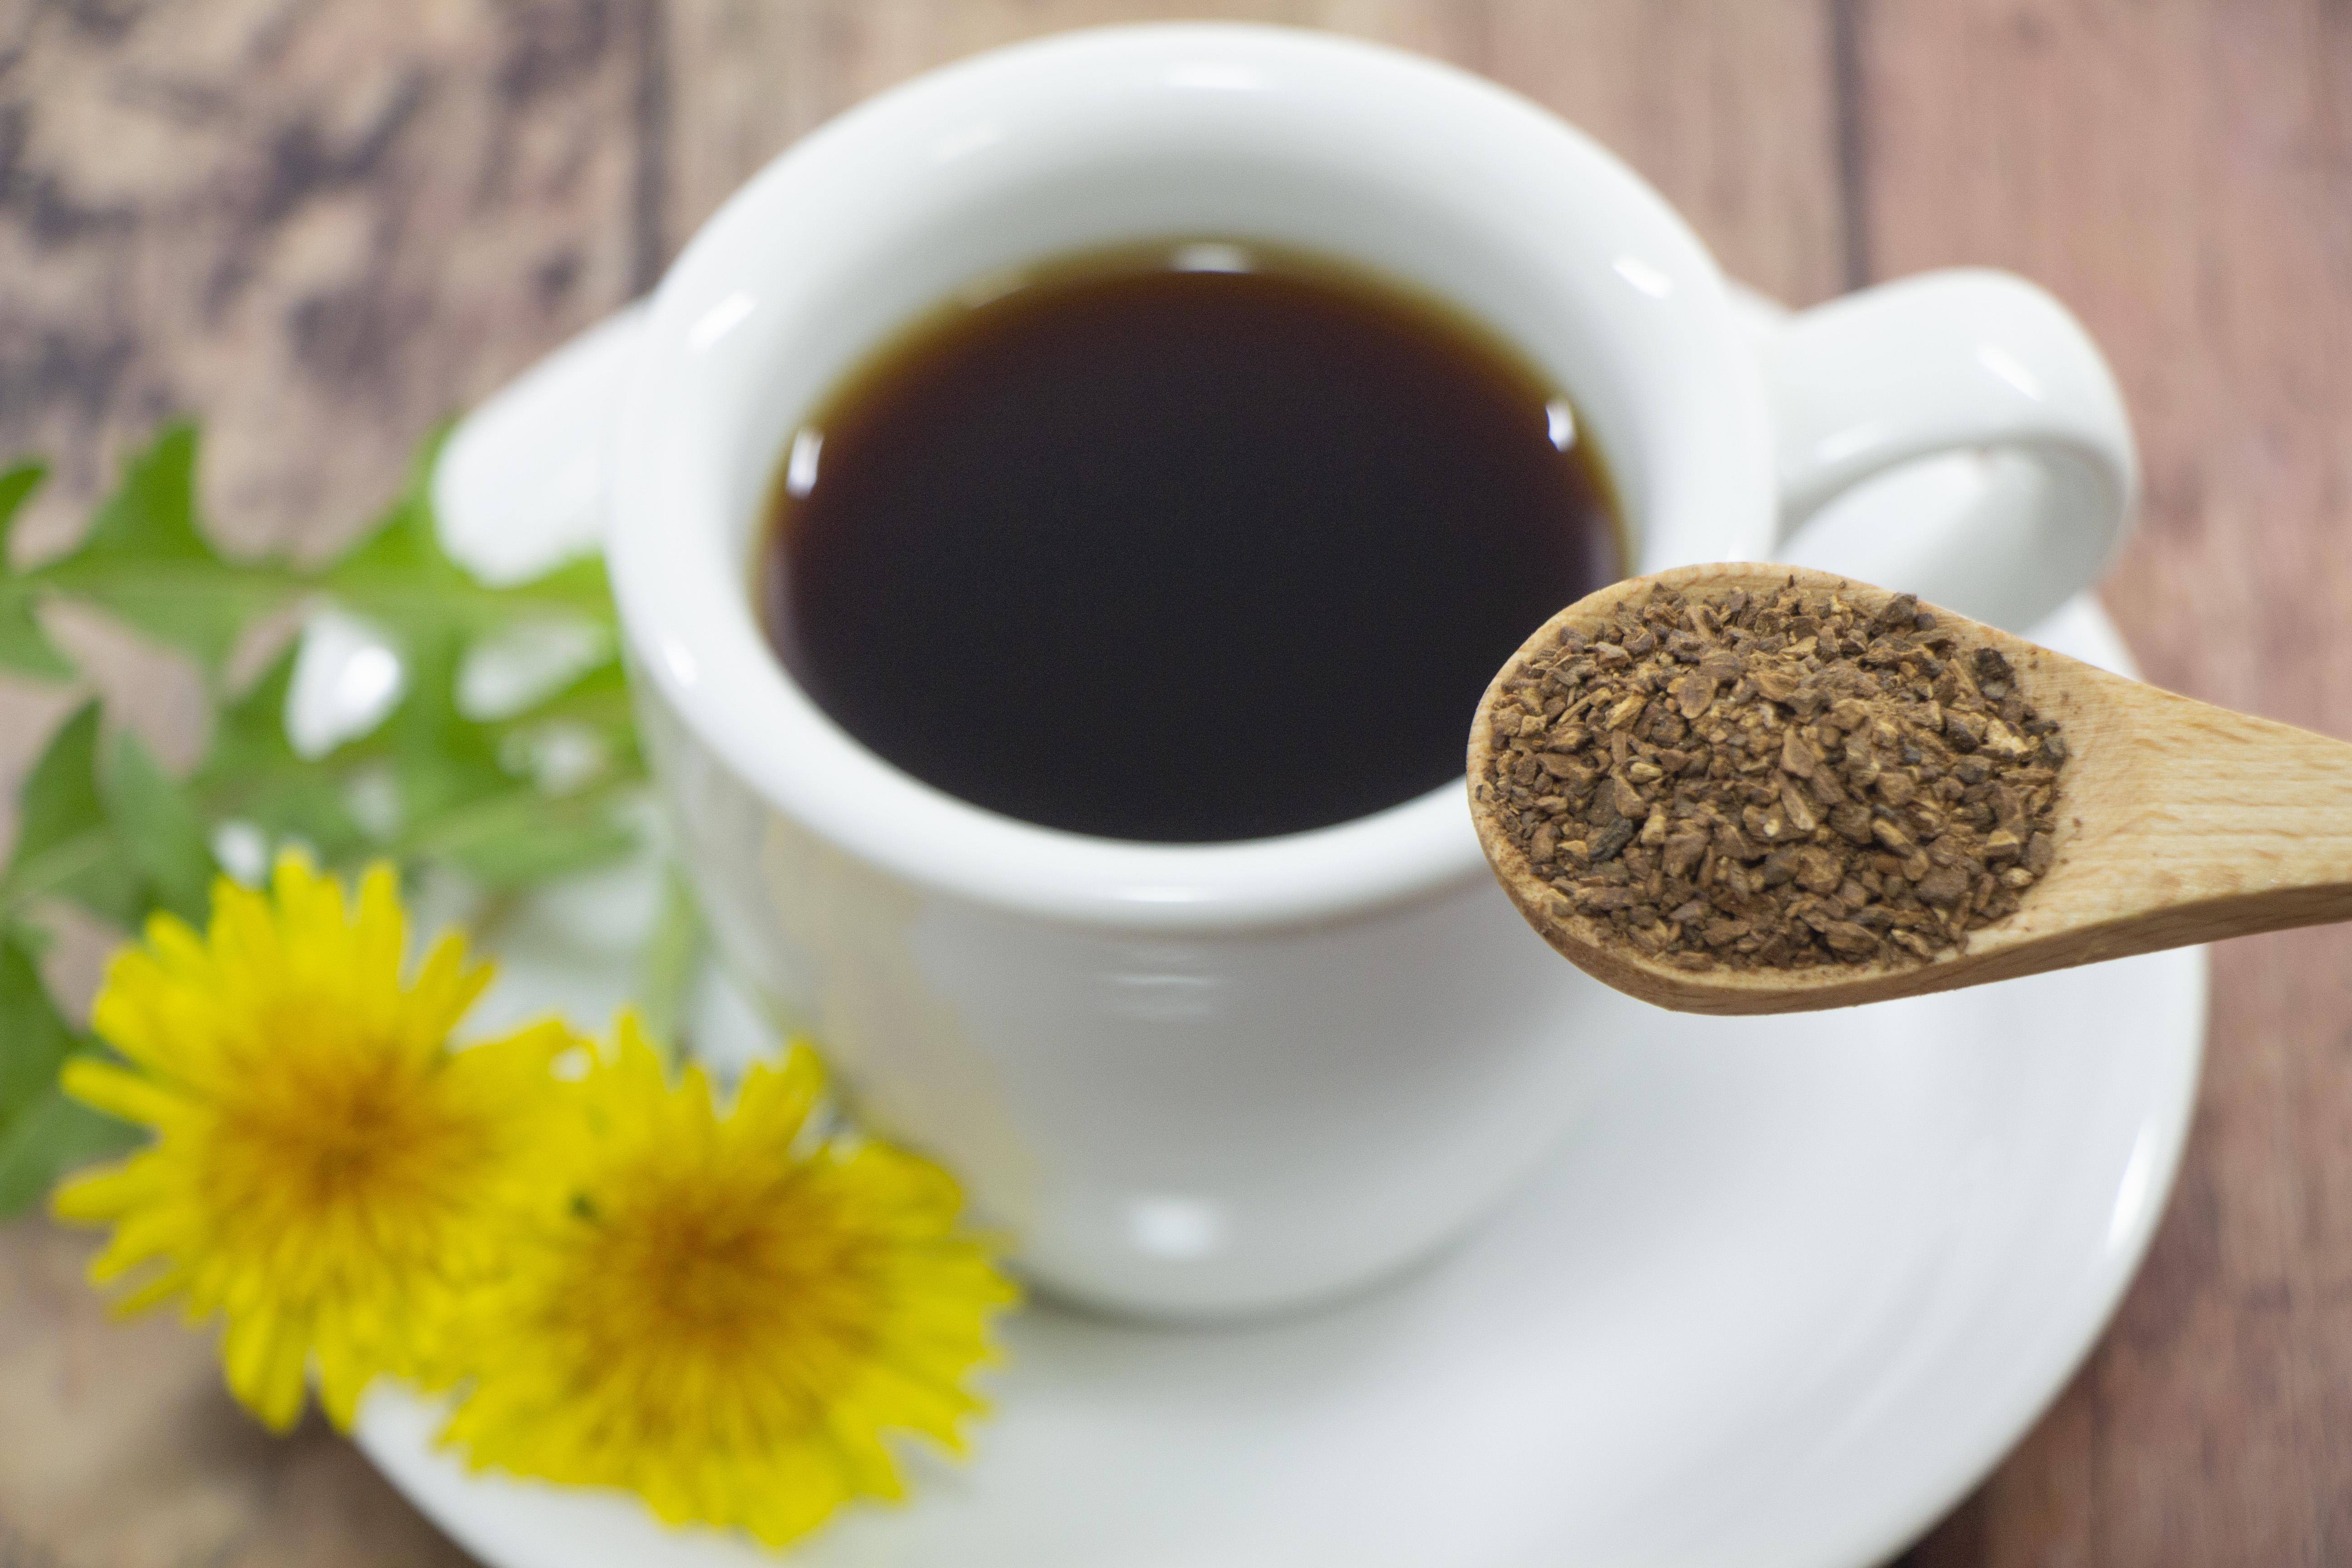 たんぽぽコーヒーの作り方!自宅で手作りするための材料・手順を紹介